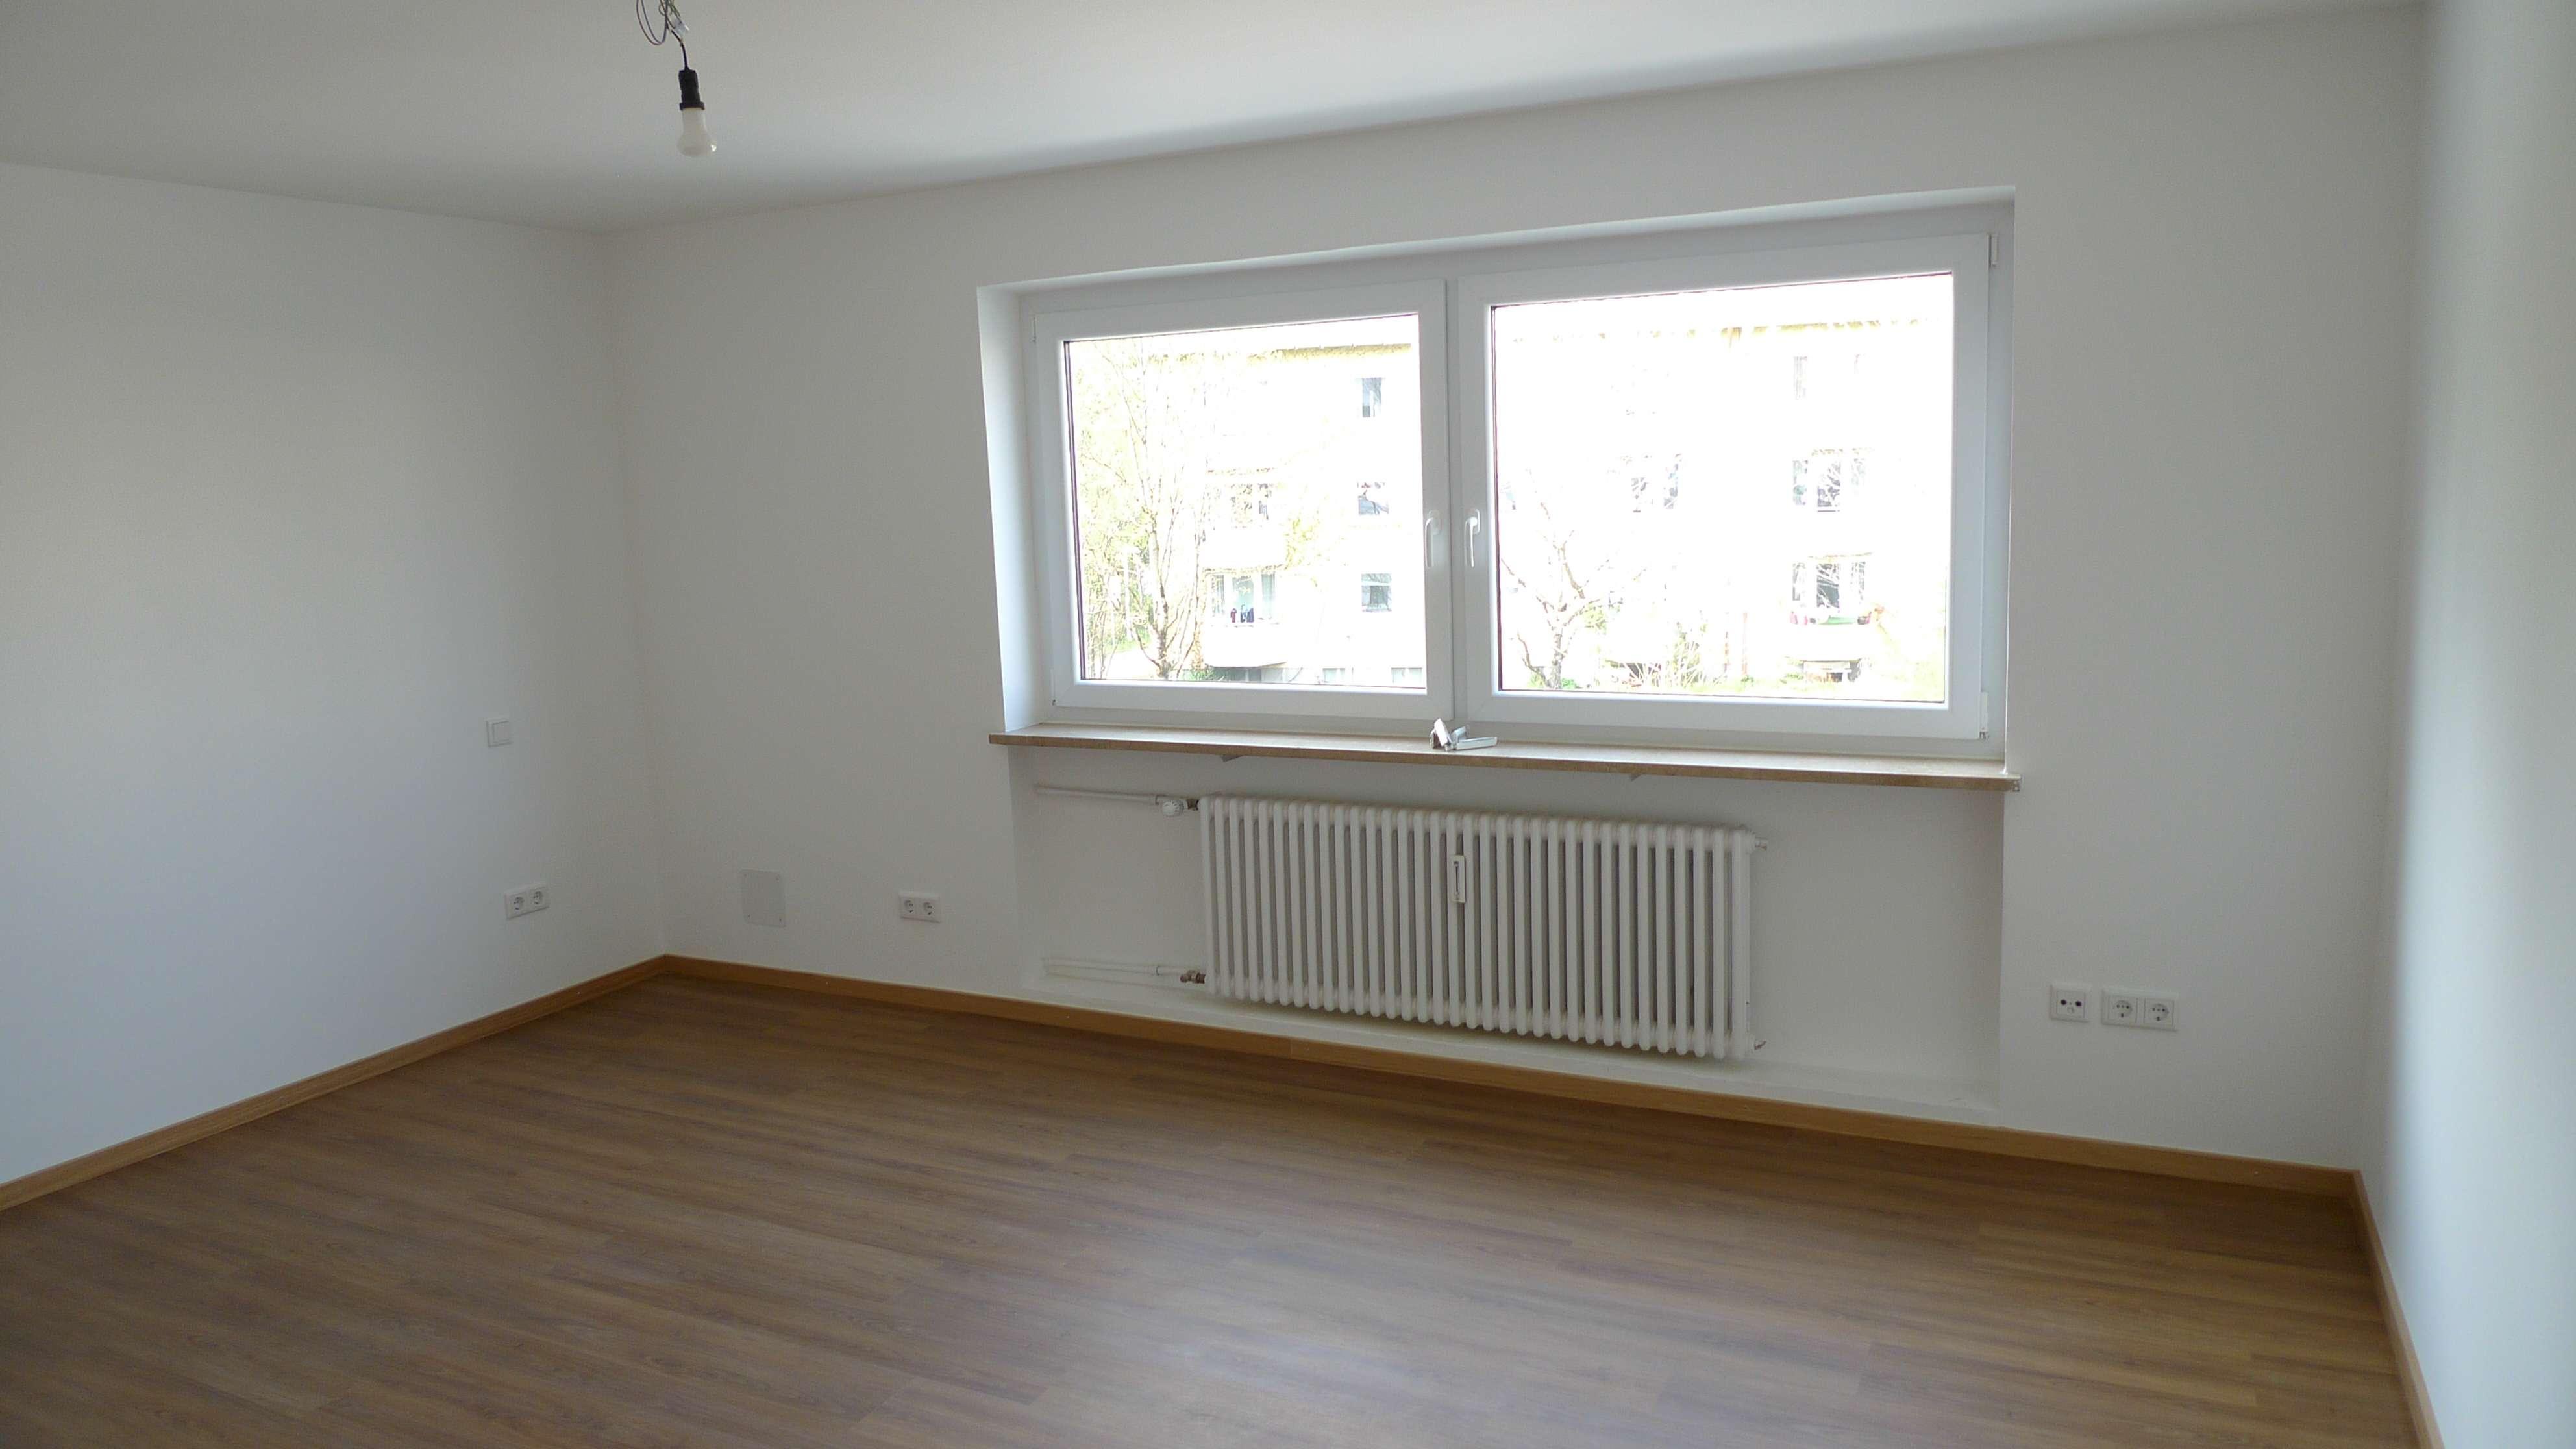 Sendling-Westpark: Sehr schöne, neusanierte 2,5-Zimmerwohnung